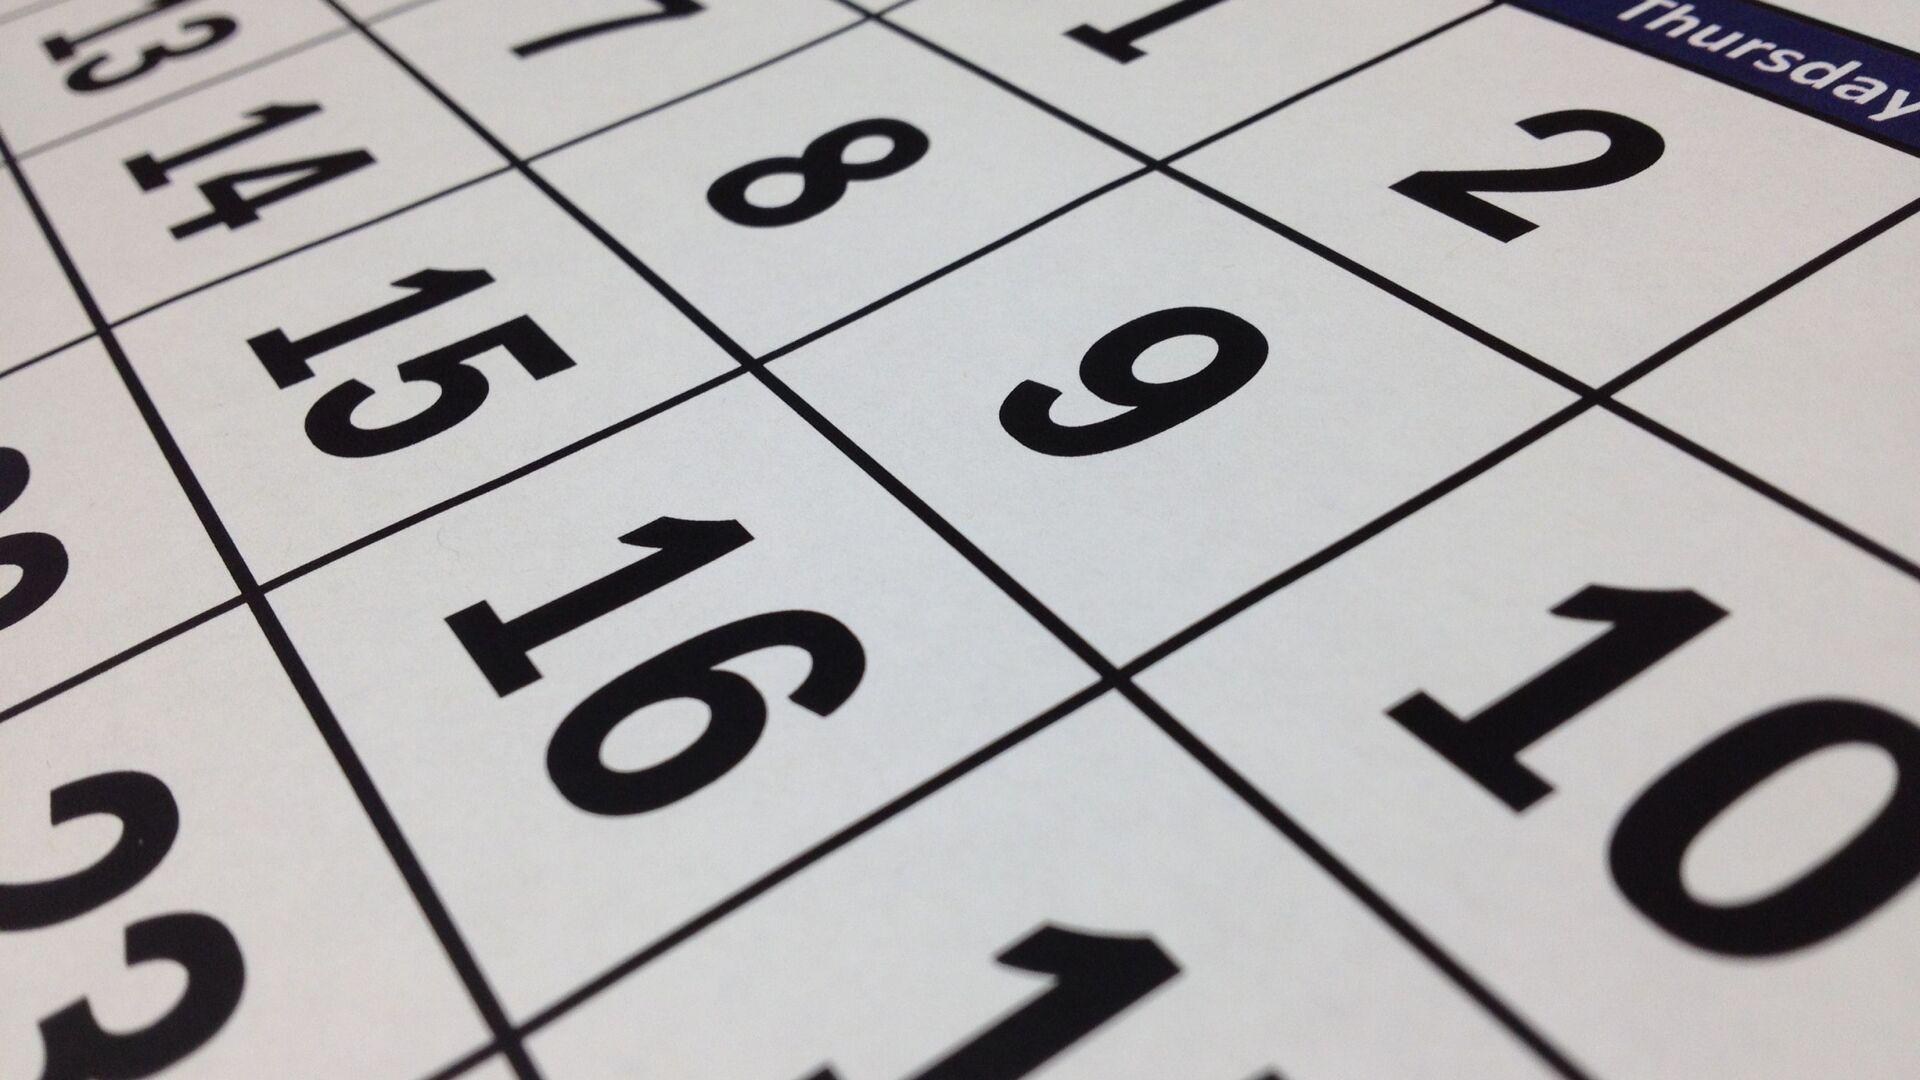 Календарь - Sputnik Беларусь, 1920, 12.10.2021